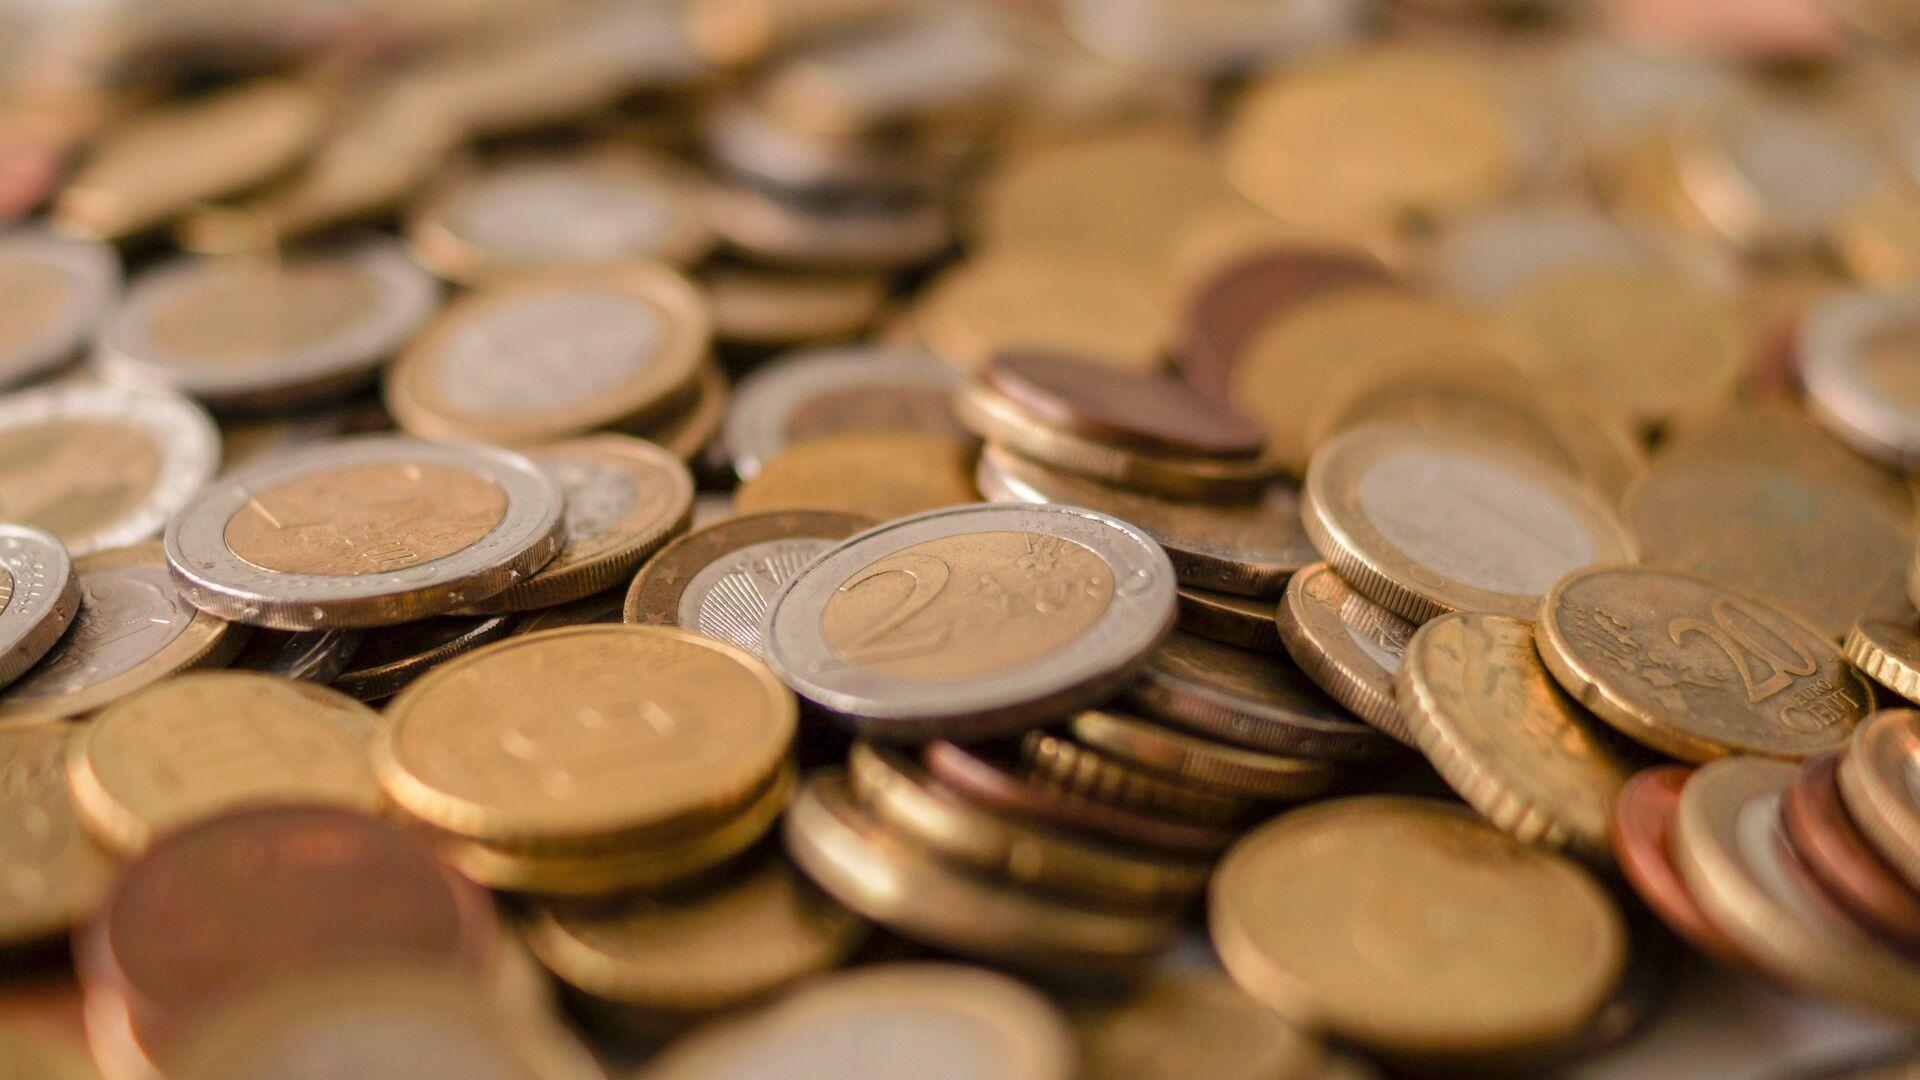 Monedas de euros (imagen referencial) - Sputnik Mundo, 1920, 02.06.2021